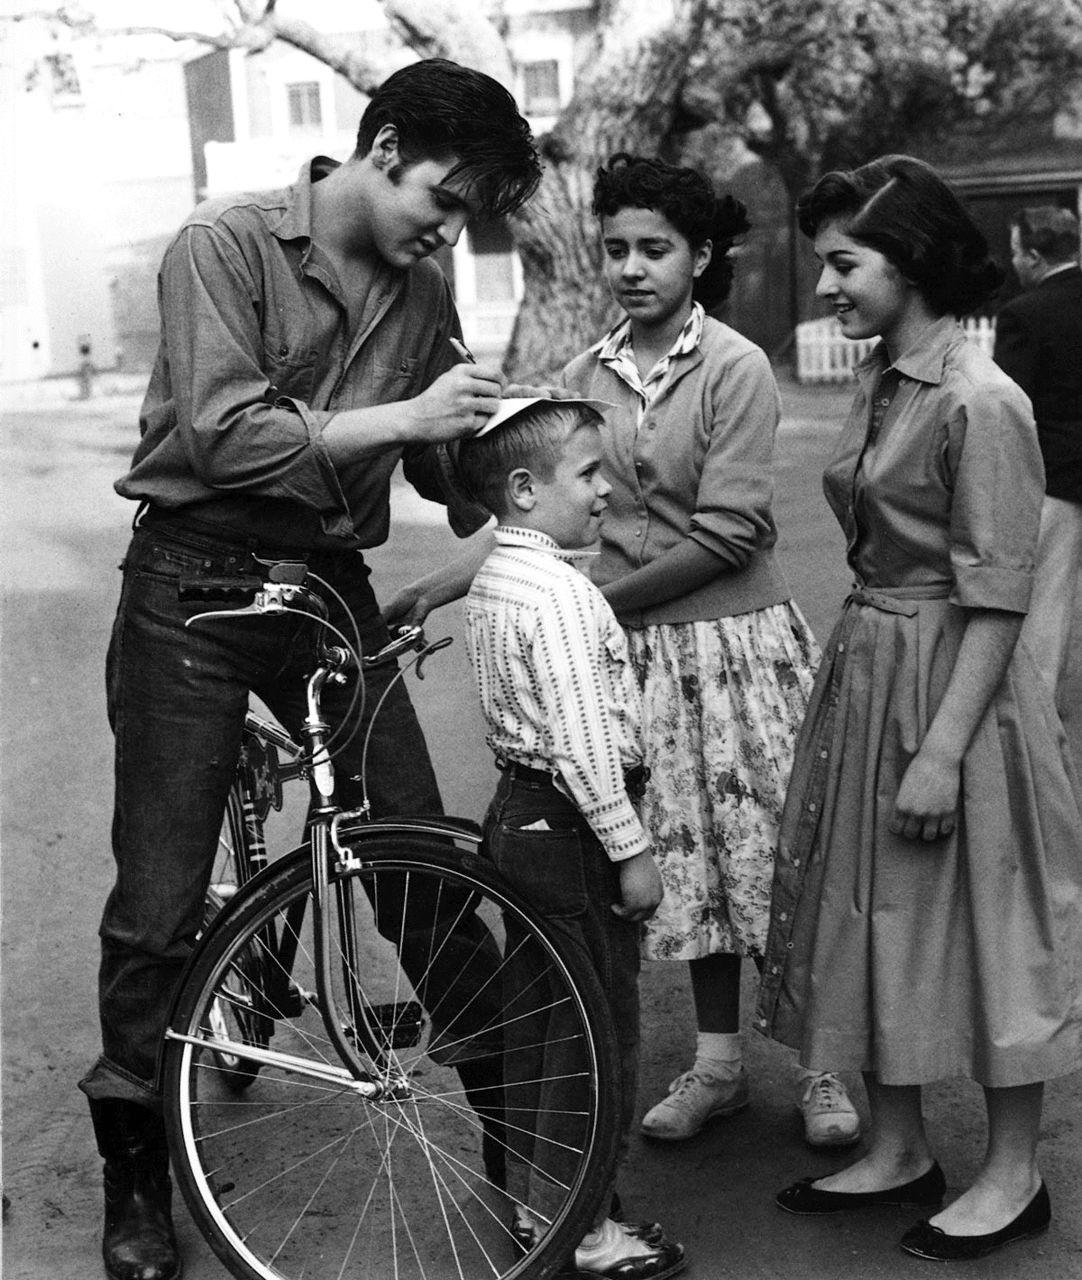 Kylekrone Elvis Presley Elvis History Photos